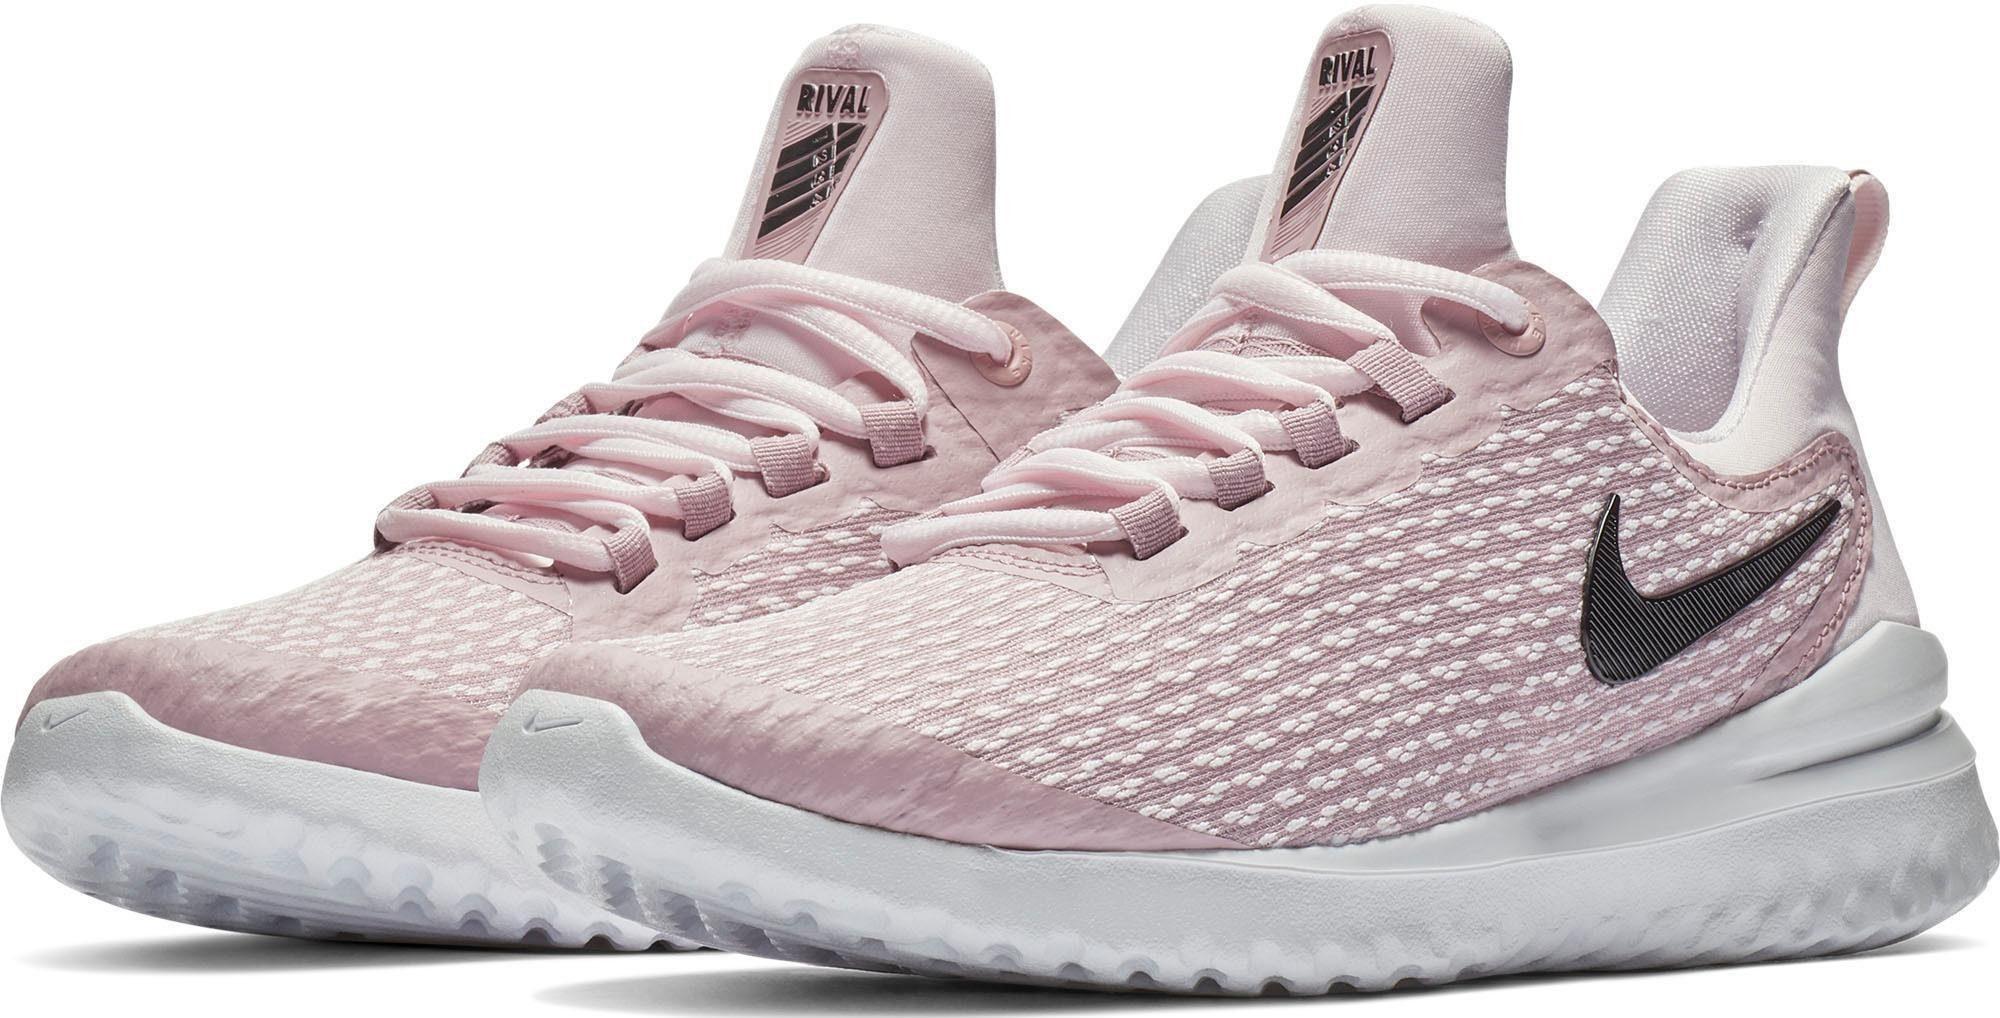 Rival« von »Wmns Renew online Nike kaufenOTTO LaufschuhLeichter Nike Laufschuh eCBoQWErdx